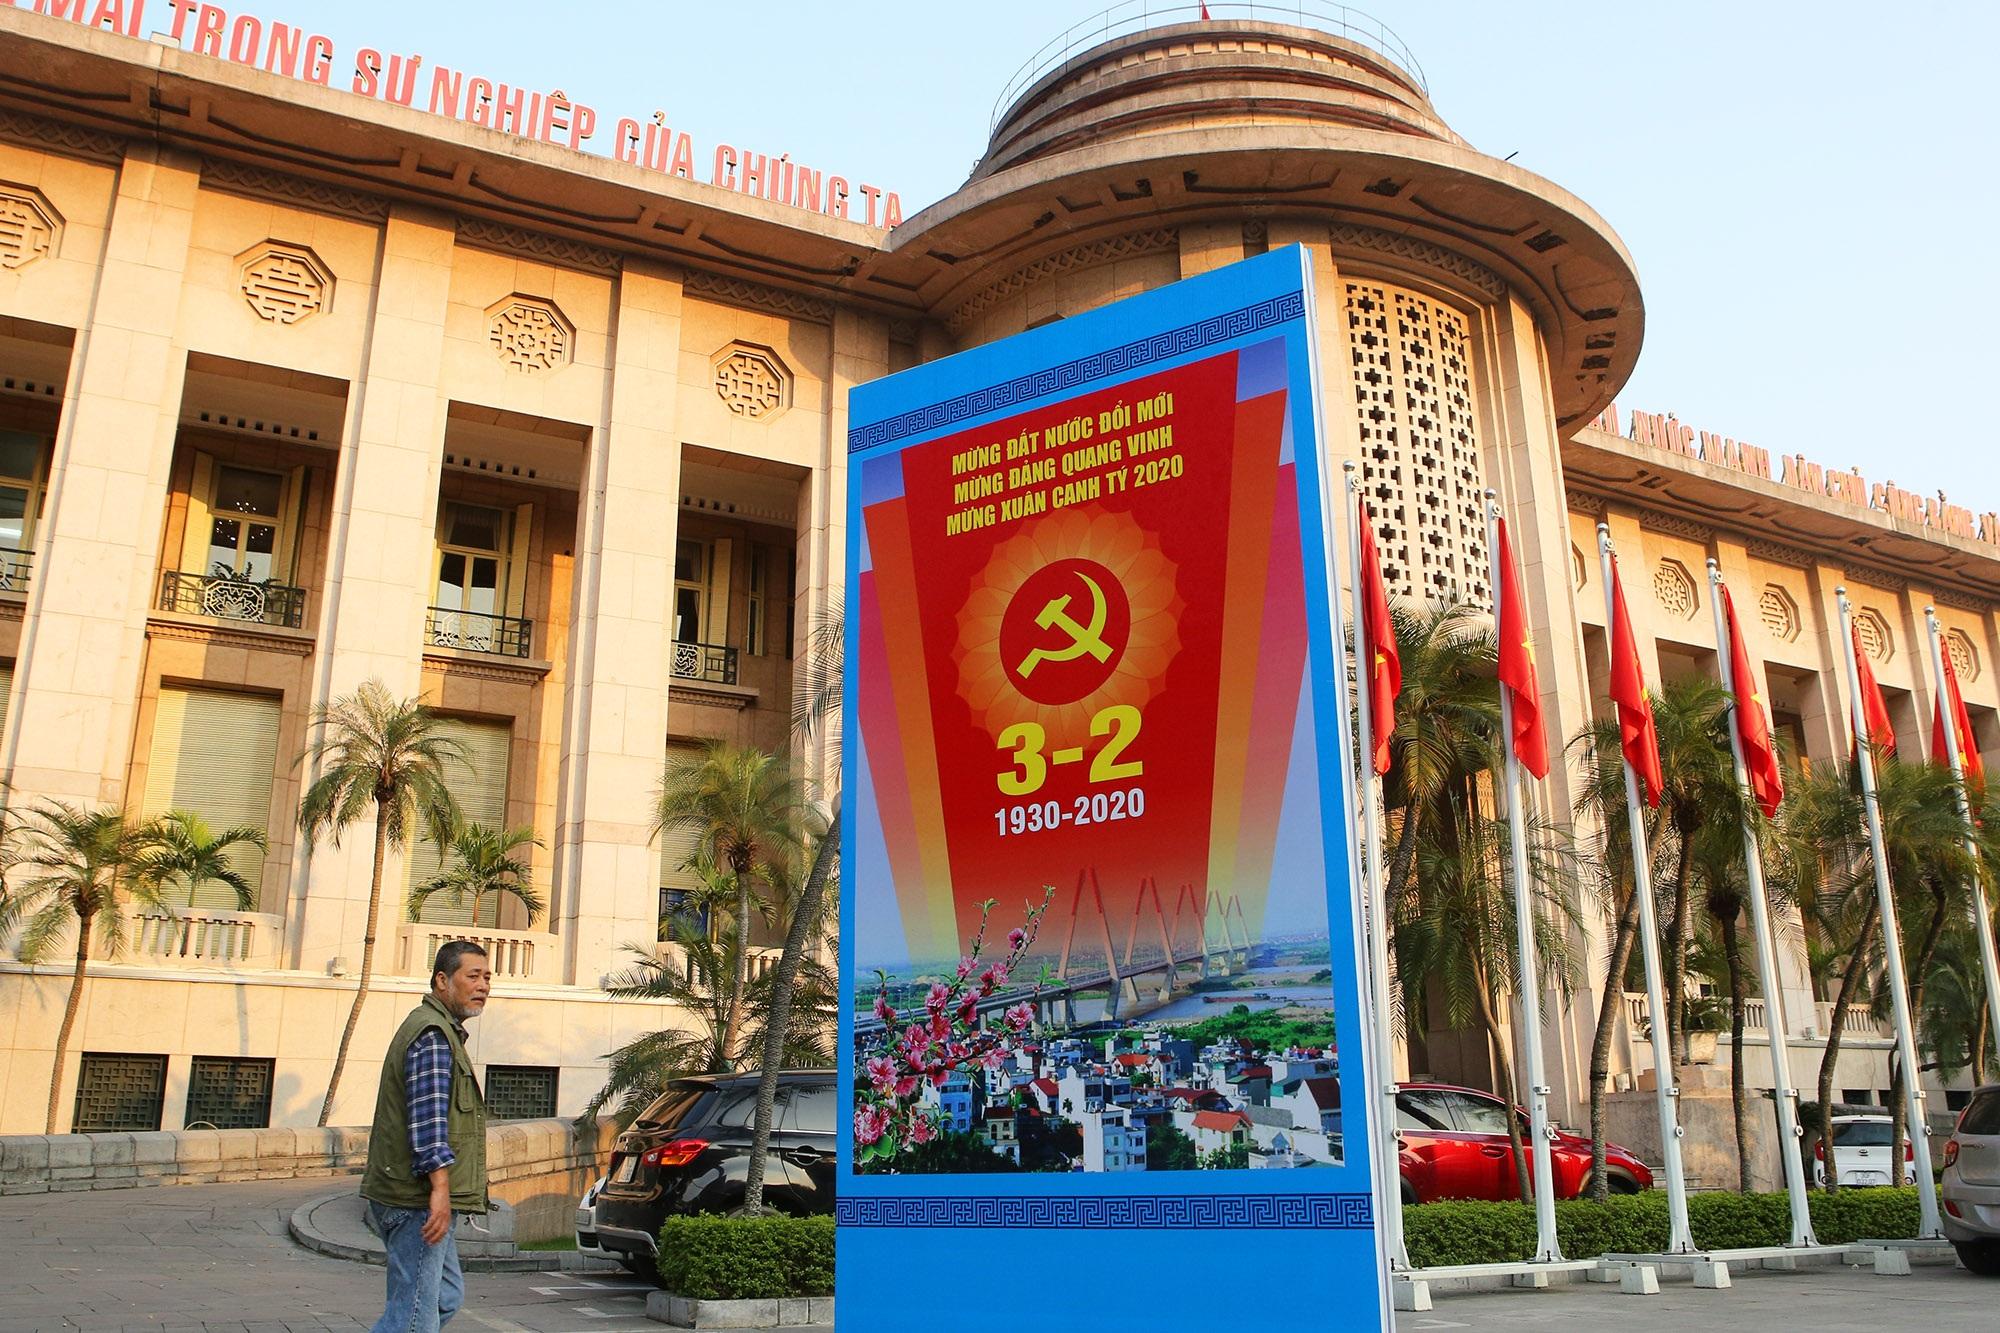 Hà Nội rực rỡ cờ, hoa mừng 90 năm Ngày thành lập Đảng - 11